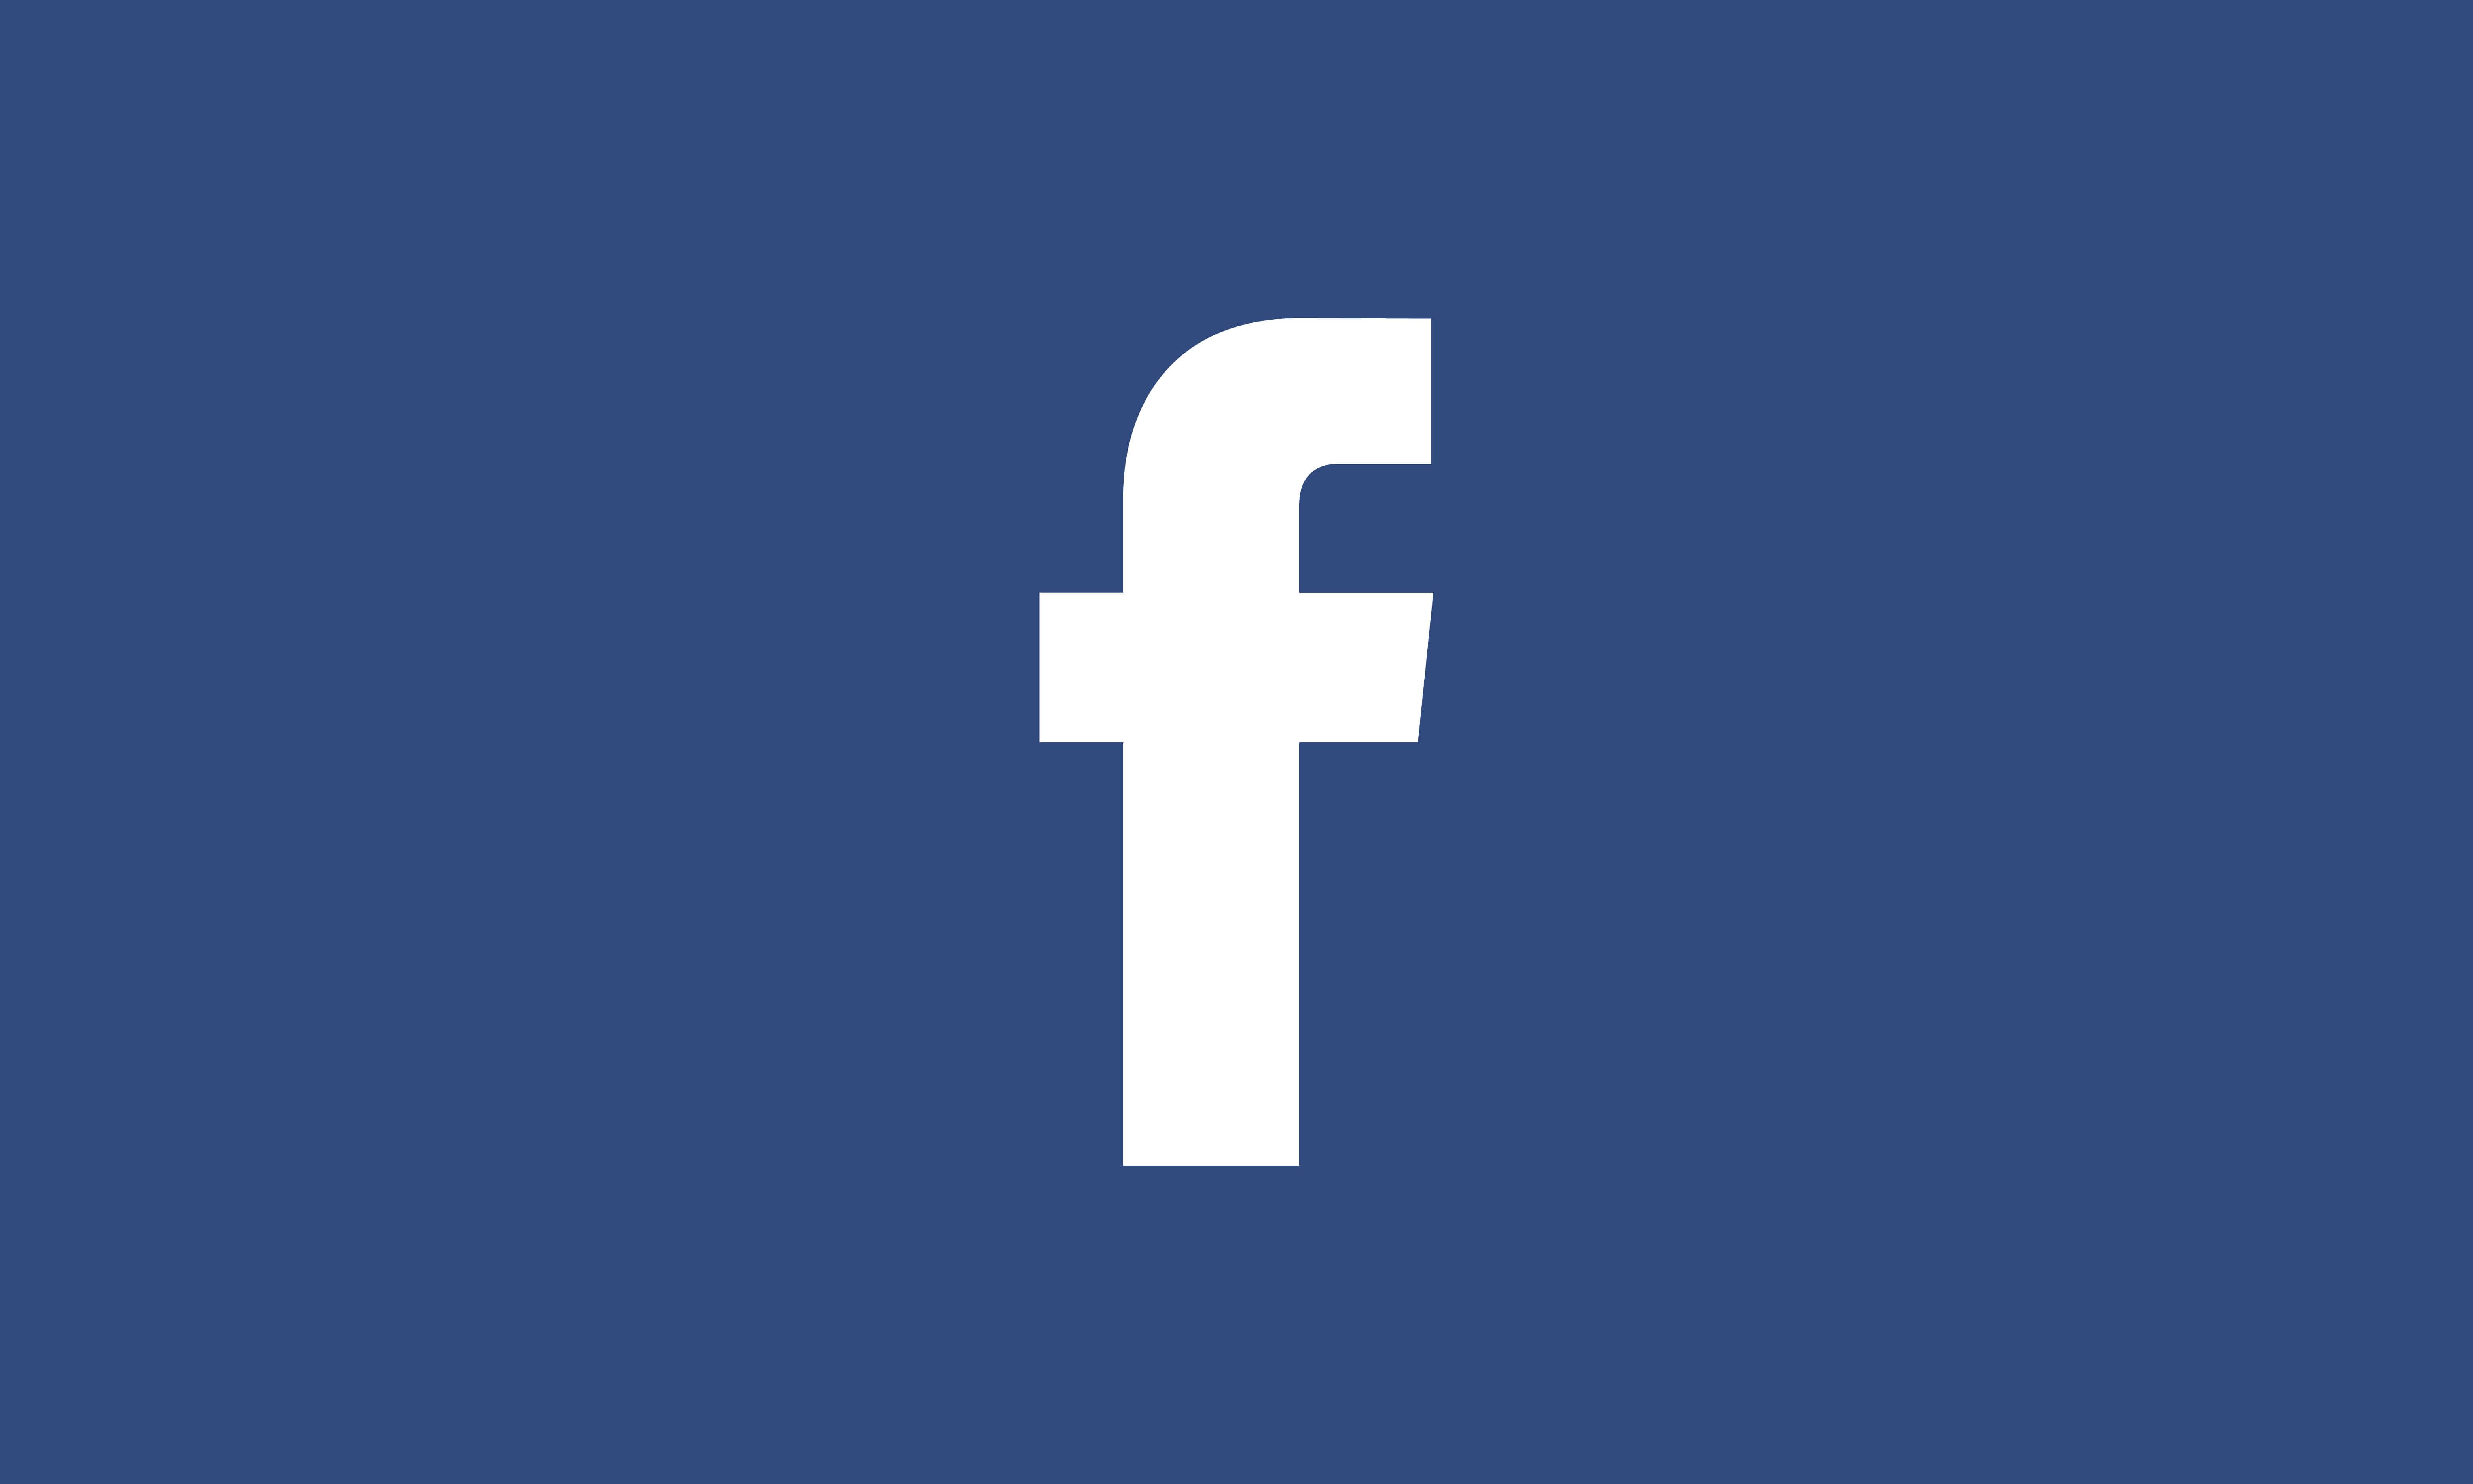 ניהול קמפיין Facebook - מודול 23